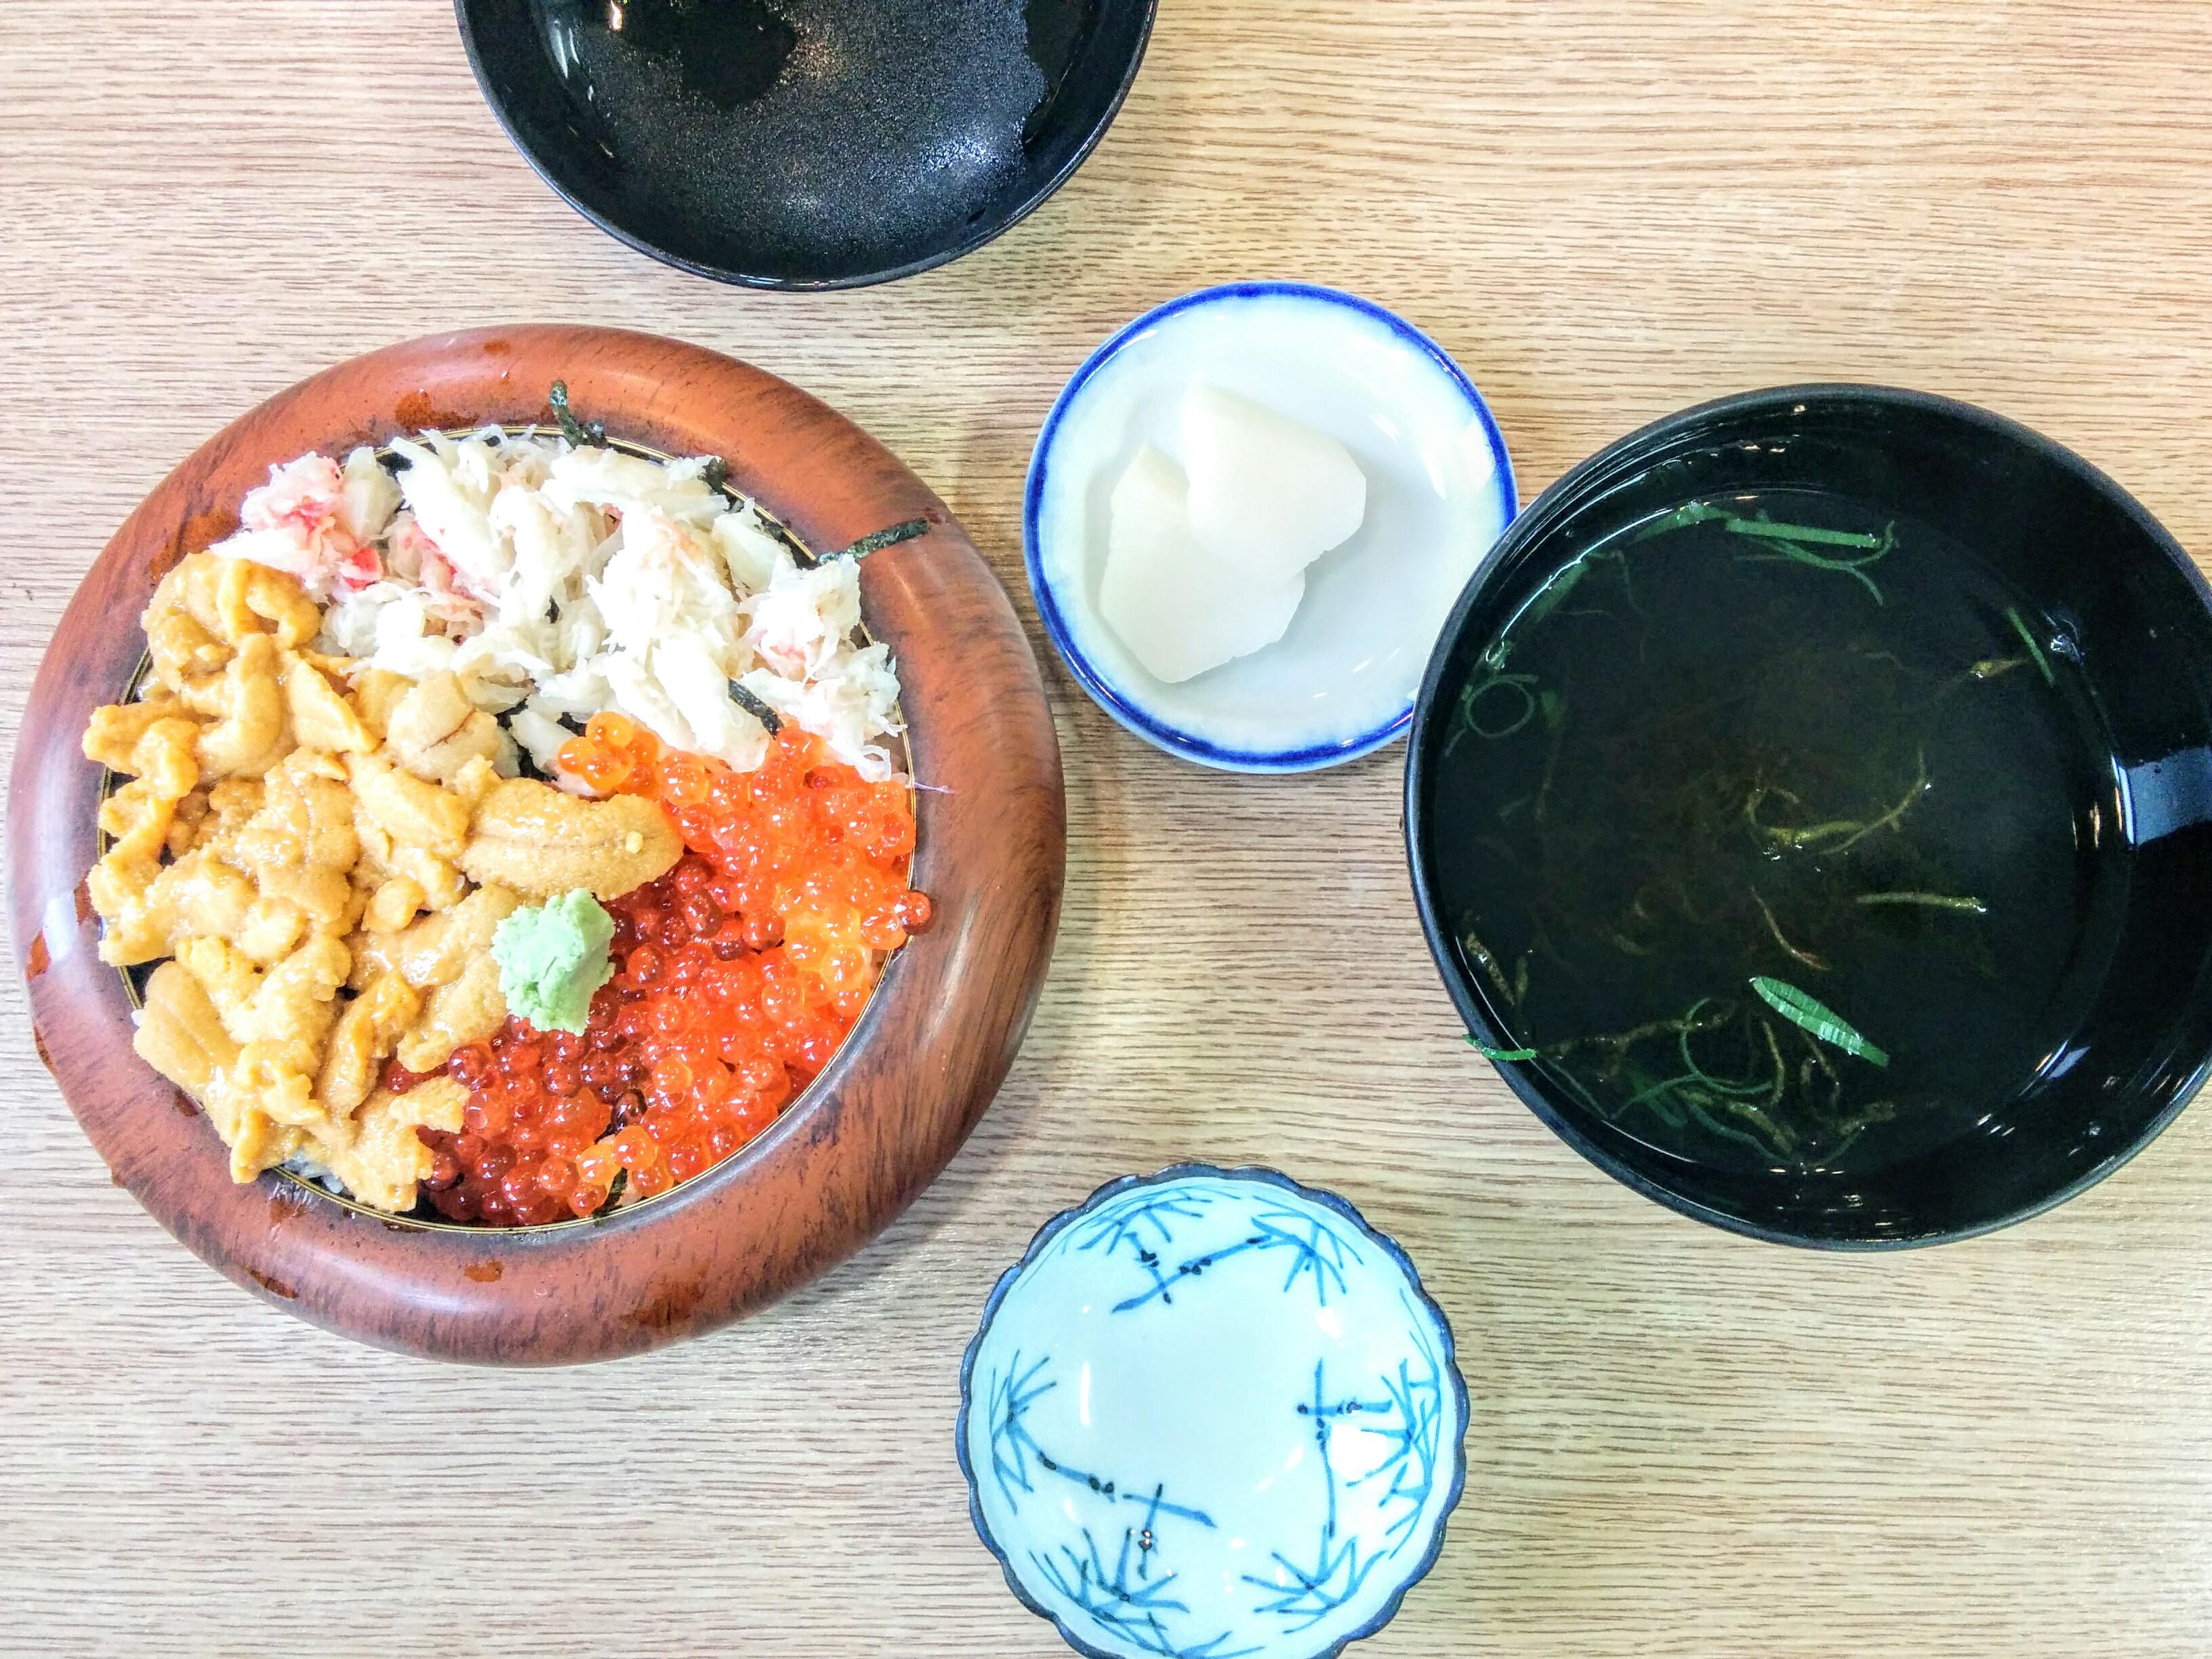 【積丹】まるてん・佐藤食堂しゃこたんなべグルメ案内です。